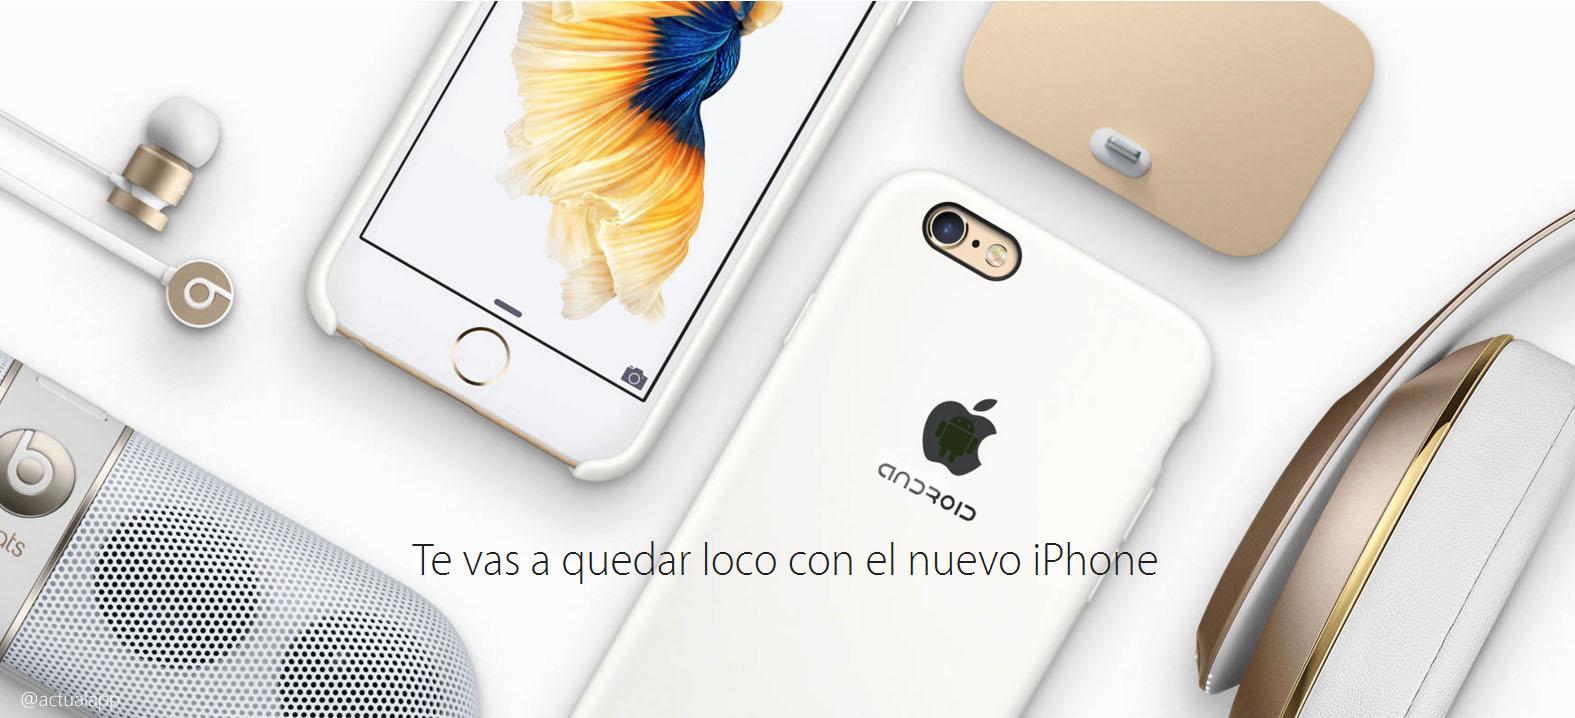 Una de las imágenes corporativas del nuevo iPhone con Android   Apple